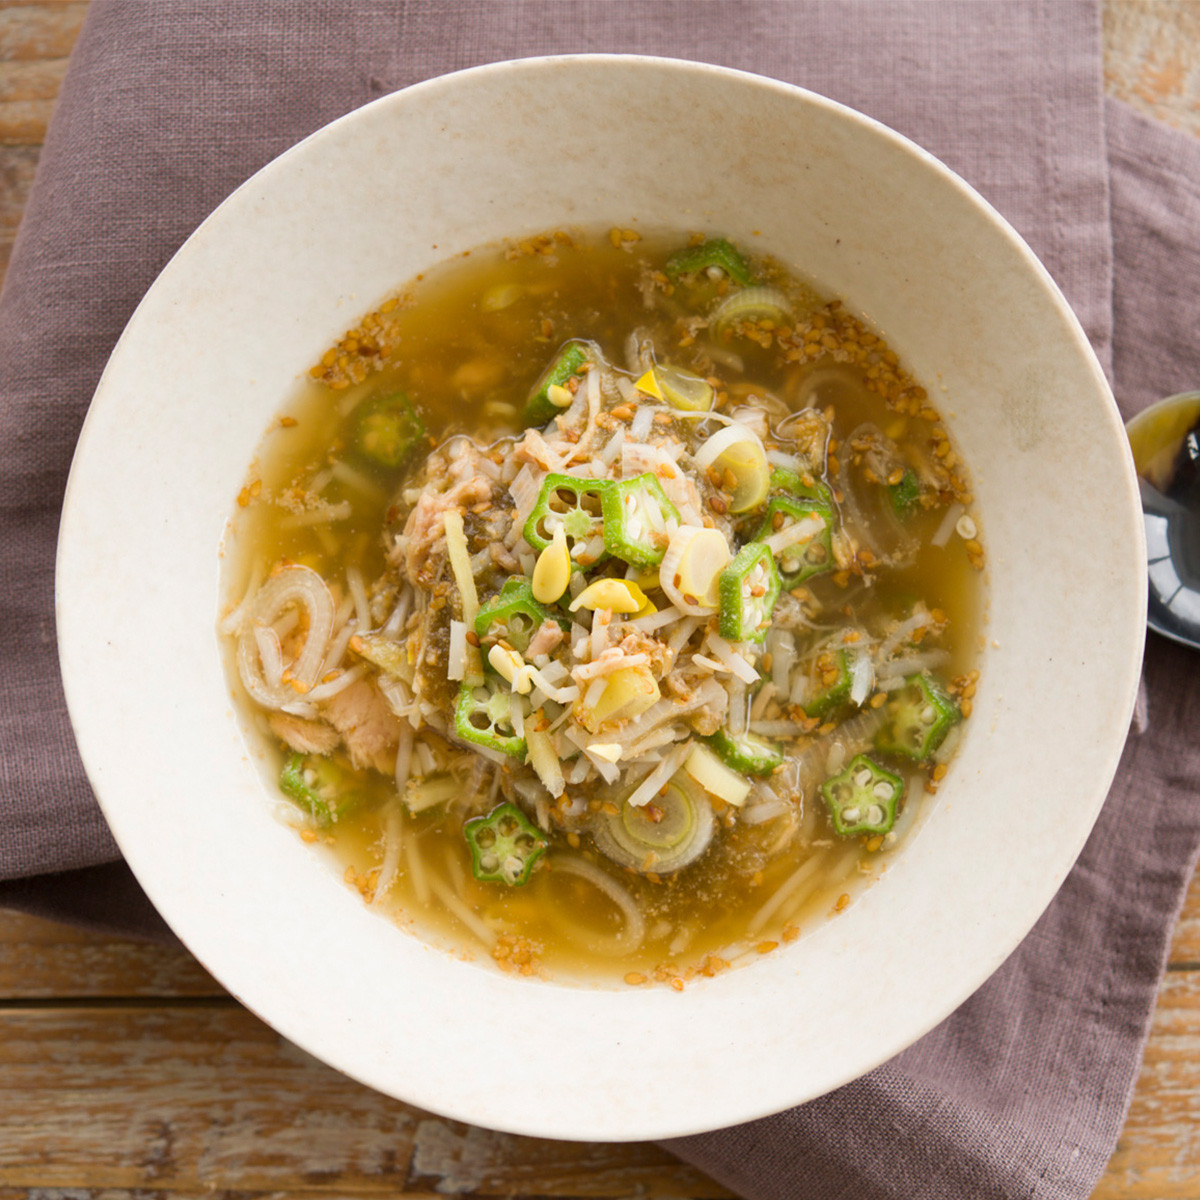 【ダイエットにもおすすめの食事やメニューは? Atsushi流レシピ】_豆もやし+ツナ「豆もやしとツナのとろみスープ」